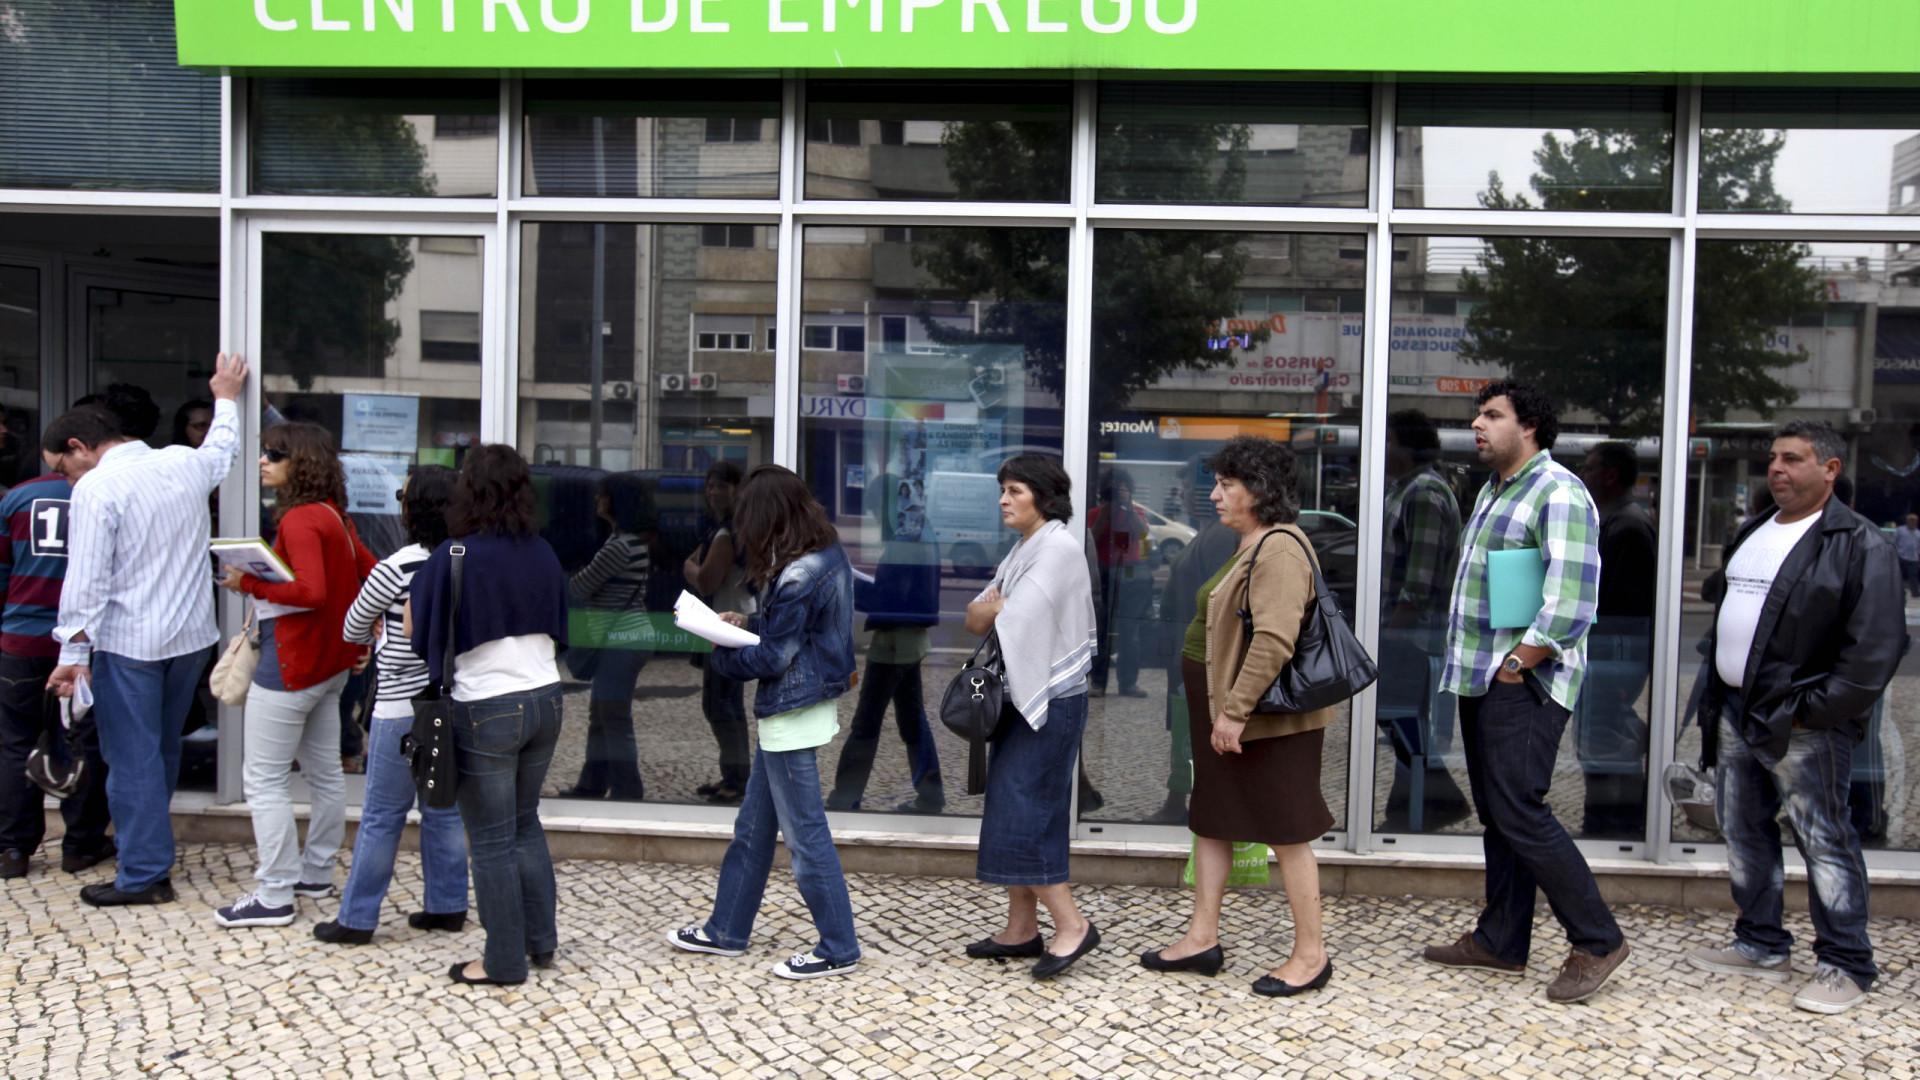 Número de beneficiários de prestações de desemprego caiu 16,4%